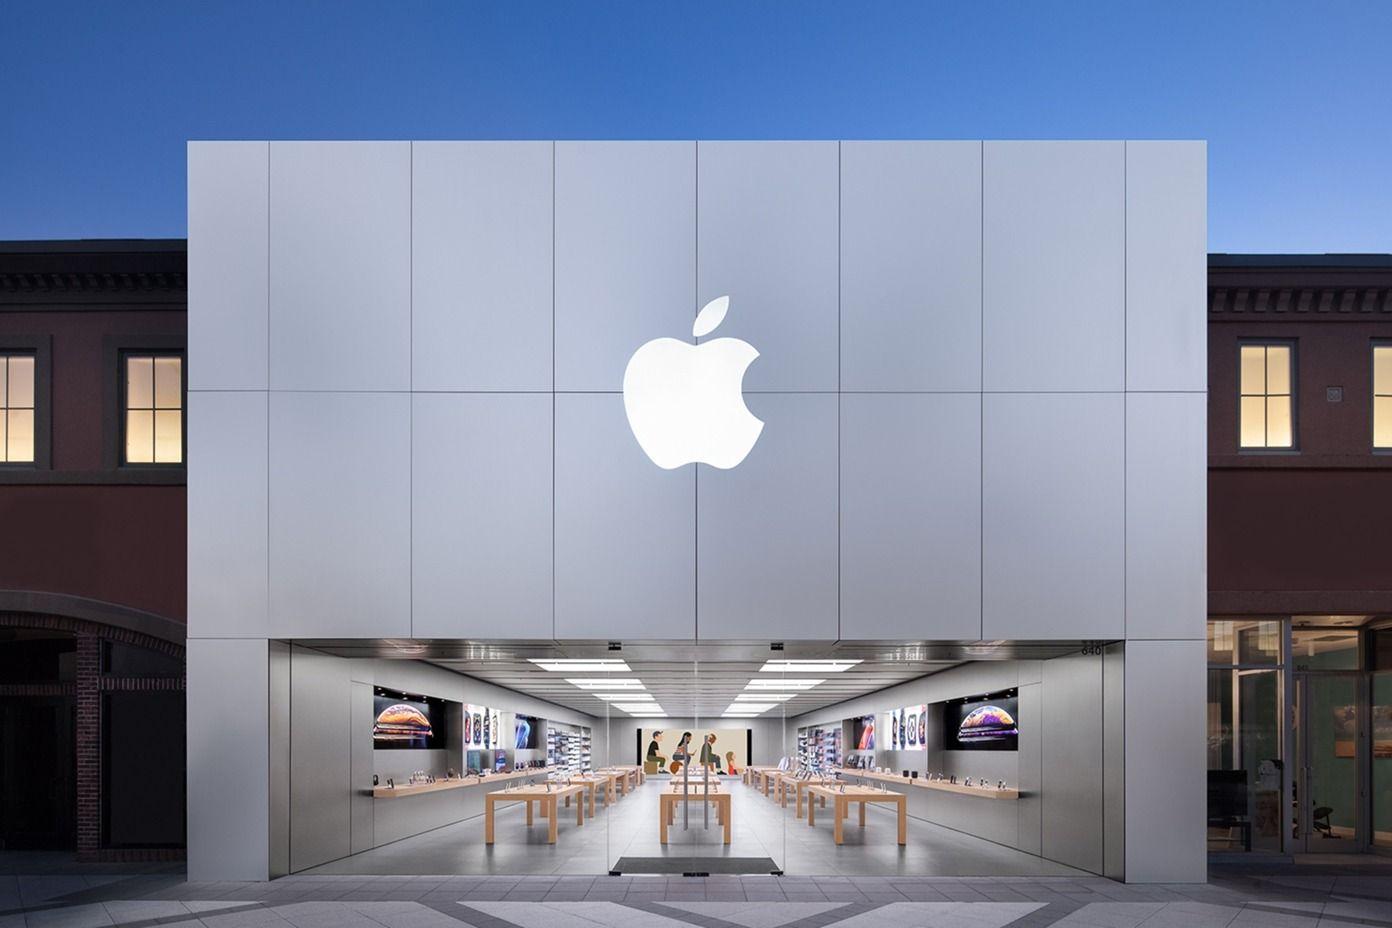 ένα apple store